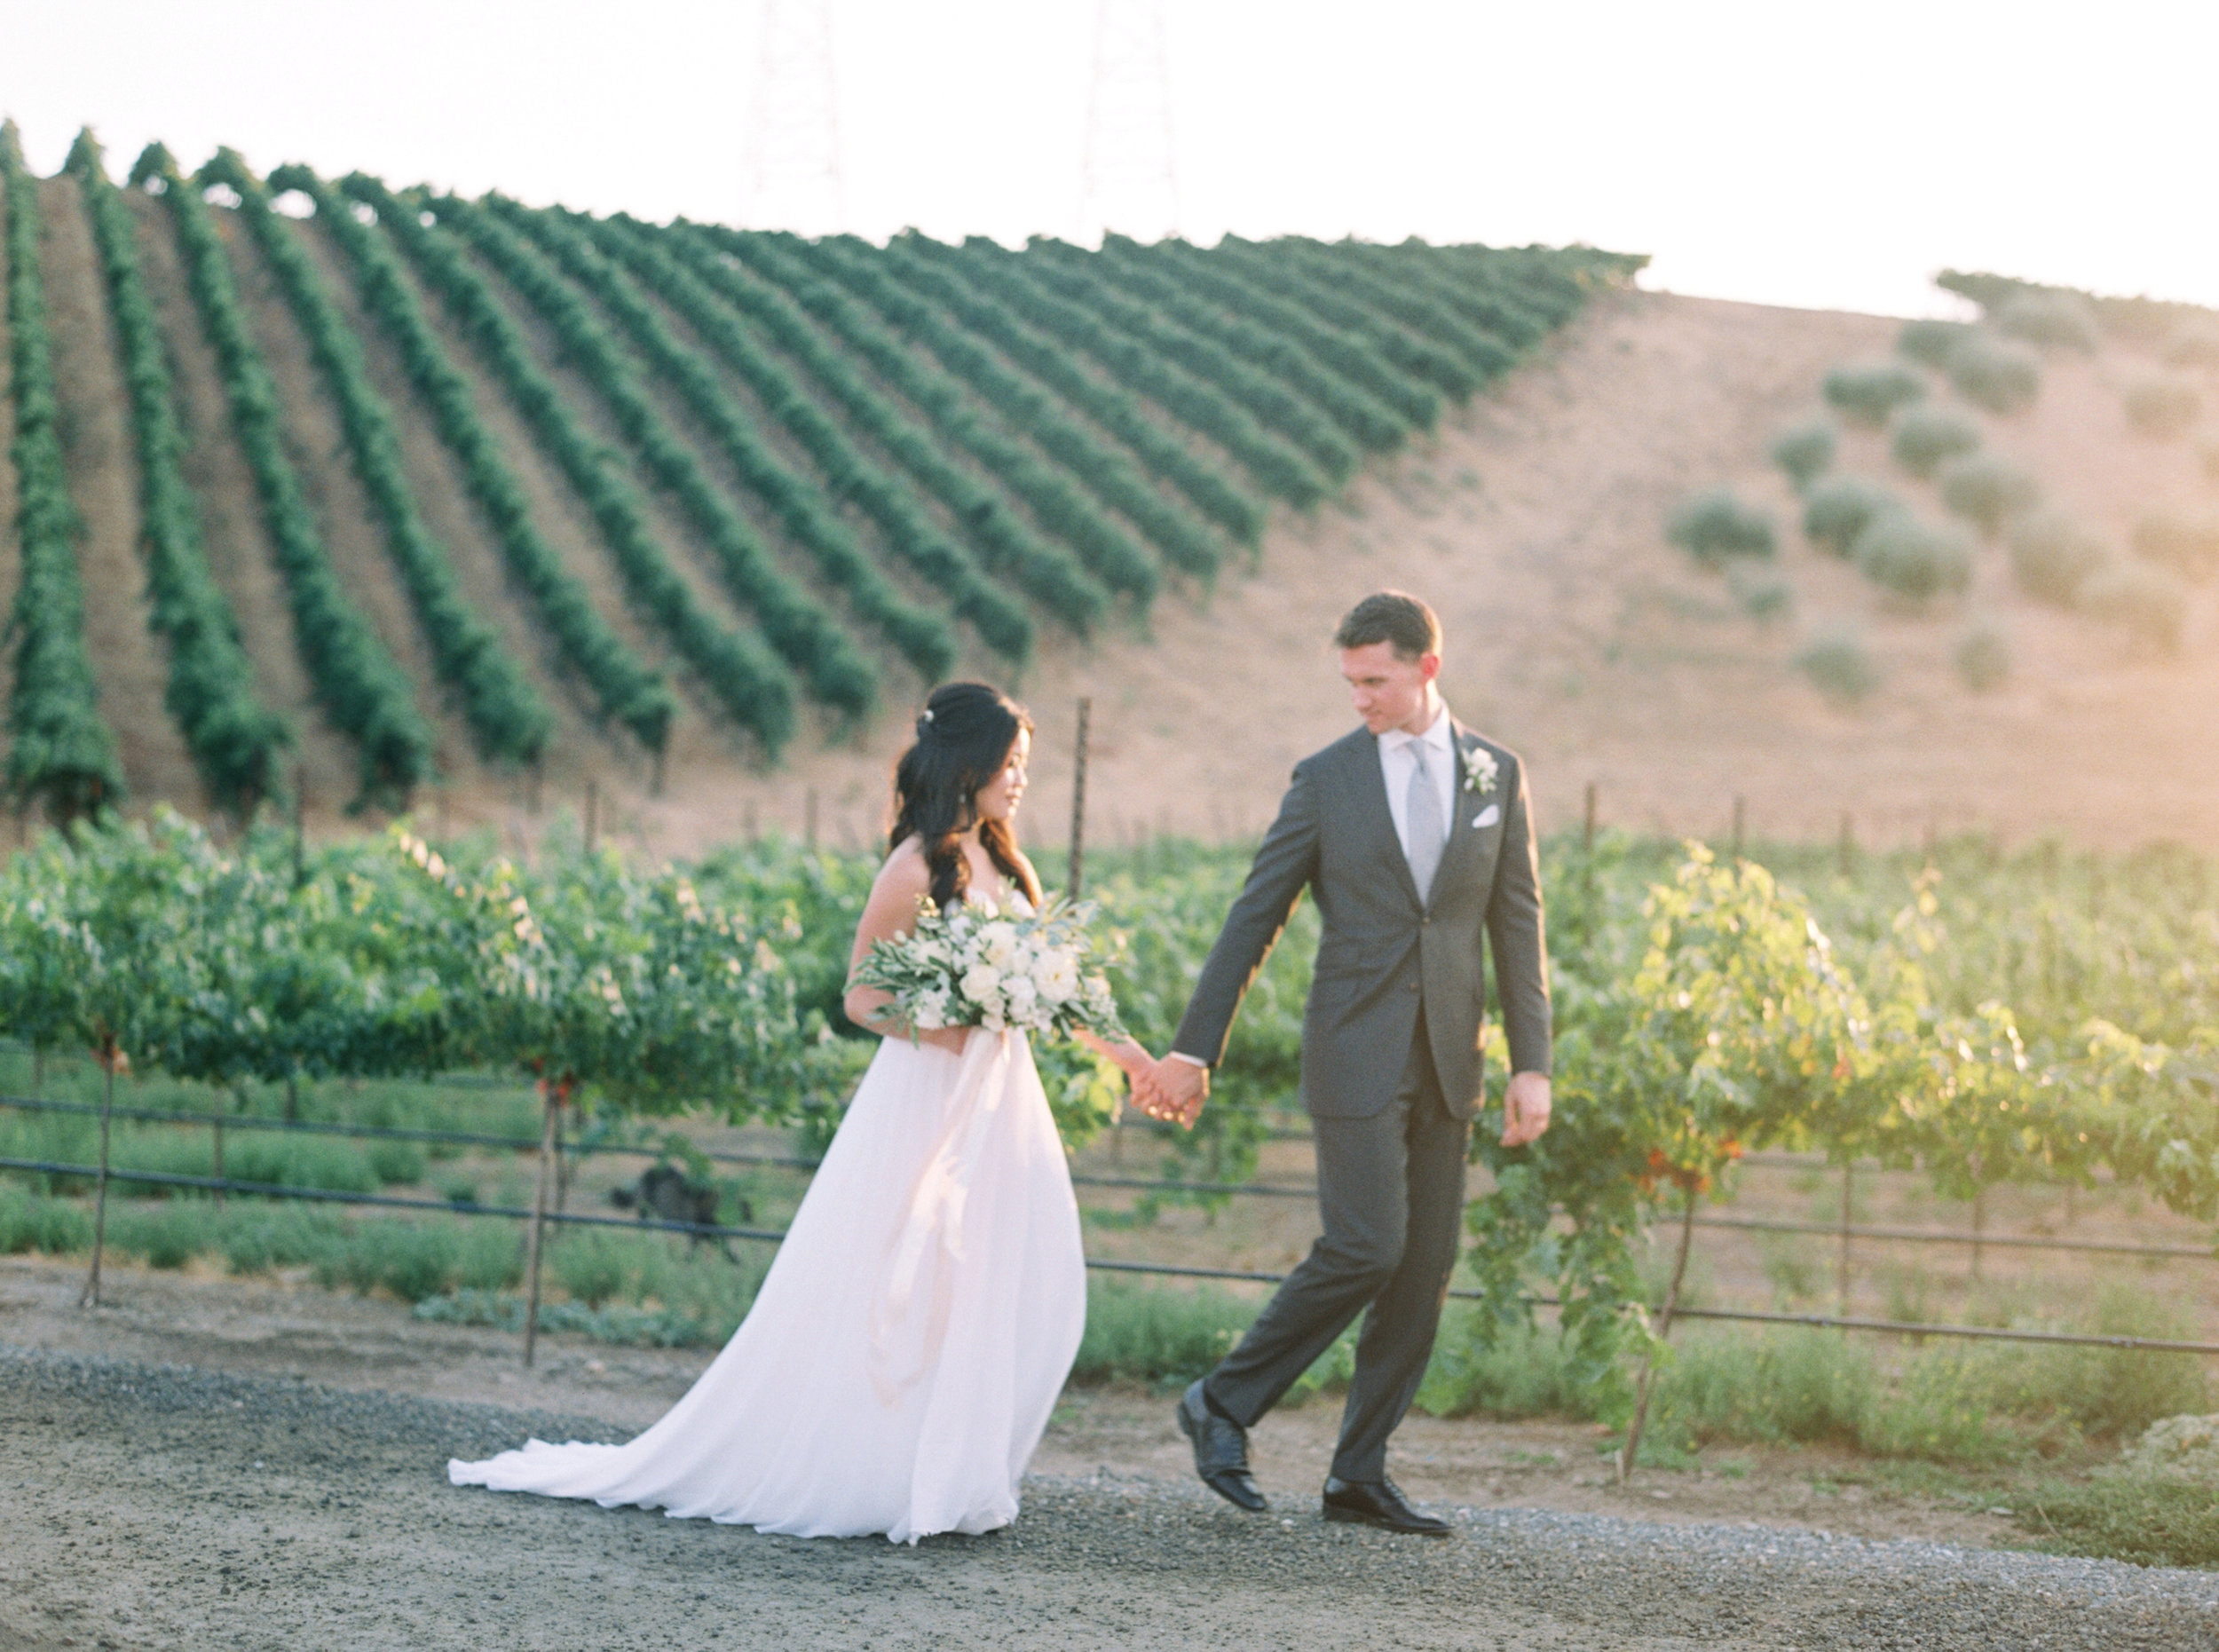 trynhphoto_sandiego_orangecounty_temecula_sf_weddingphotographer_KN-310.jpg